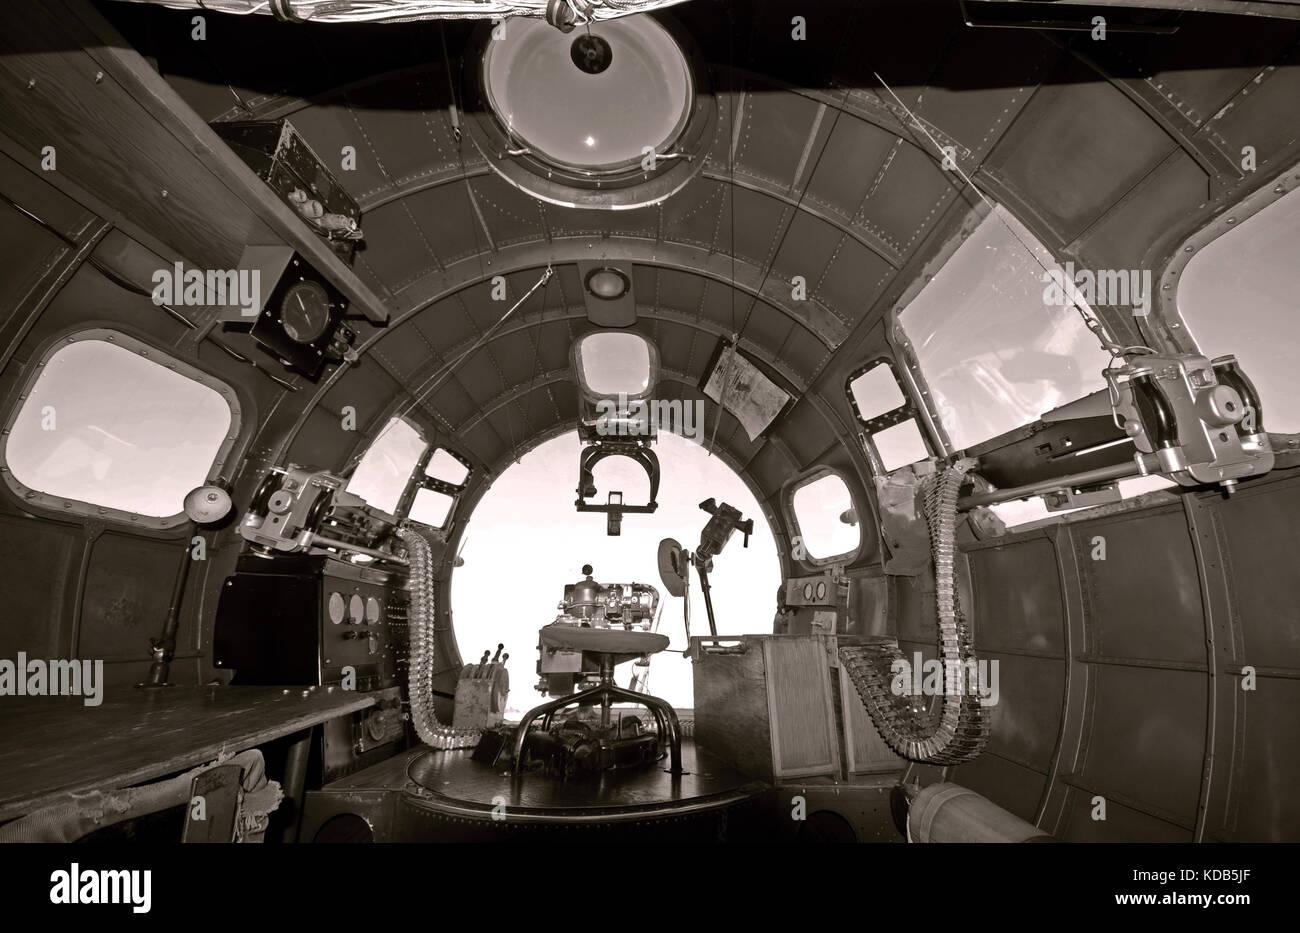 Nose Gunner Positions Inside World War II Bomber